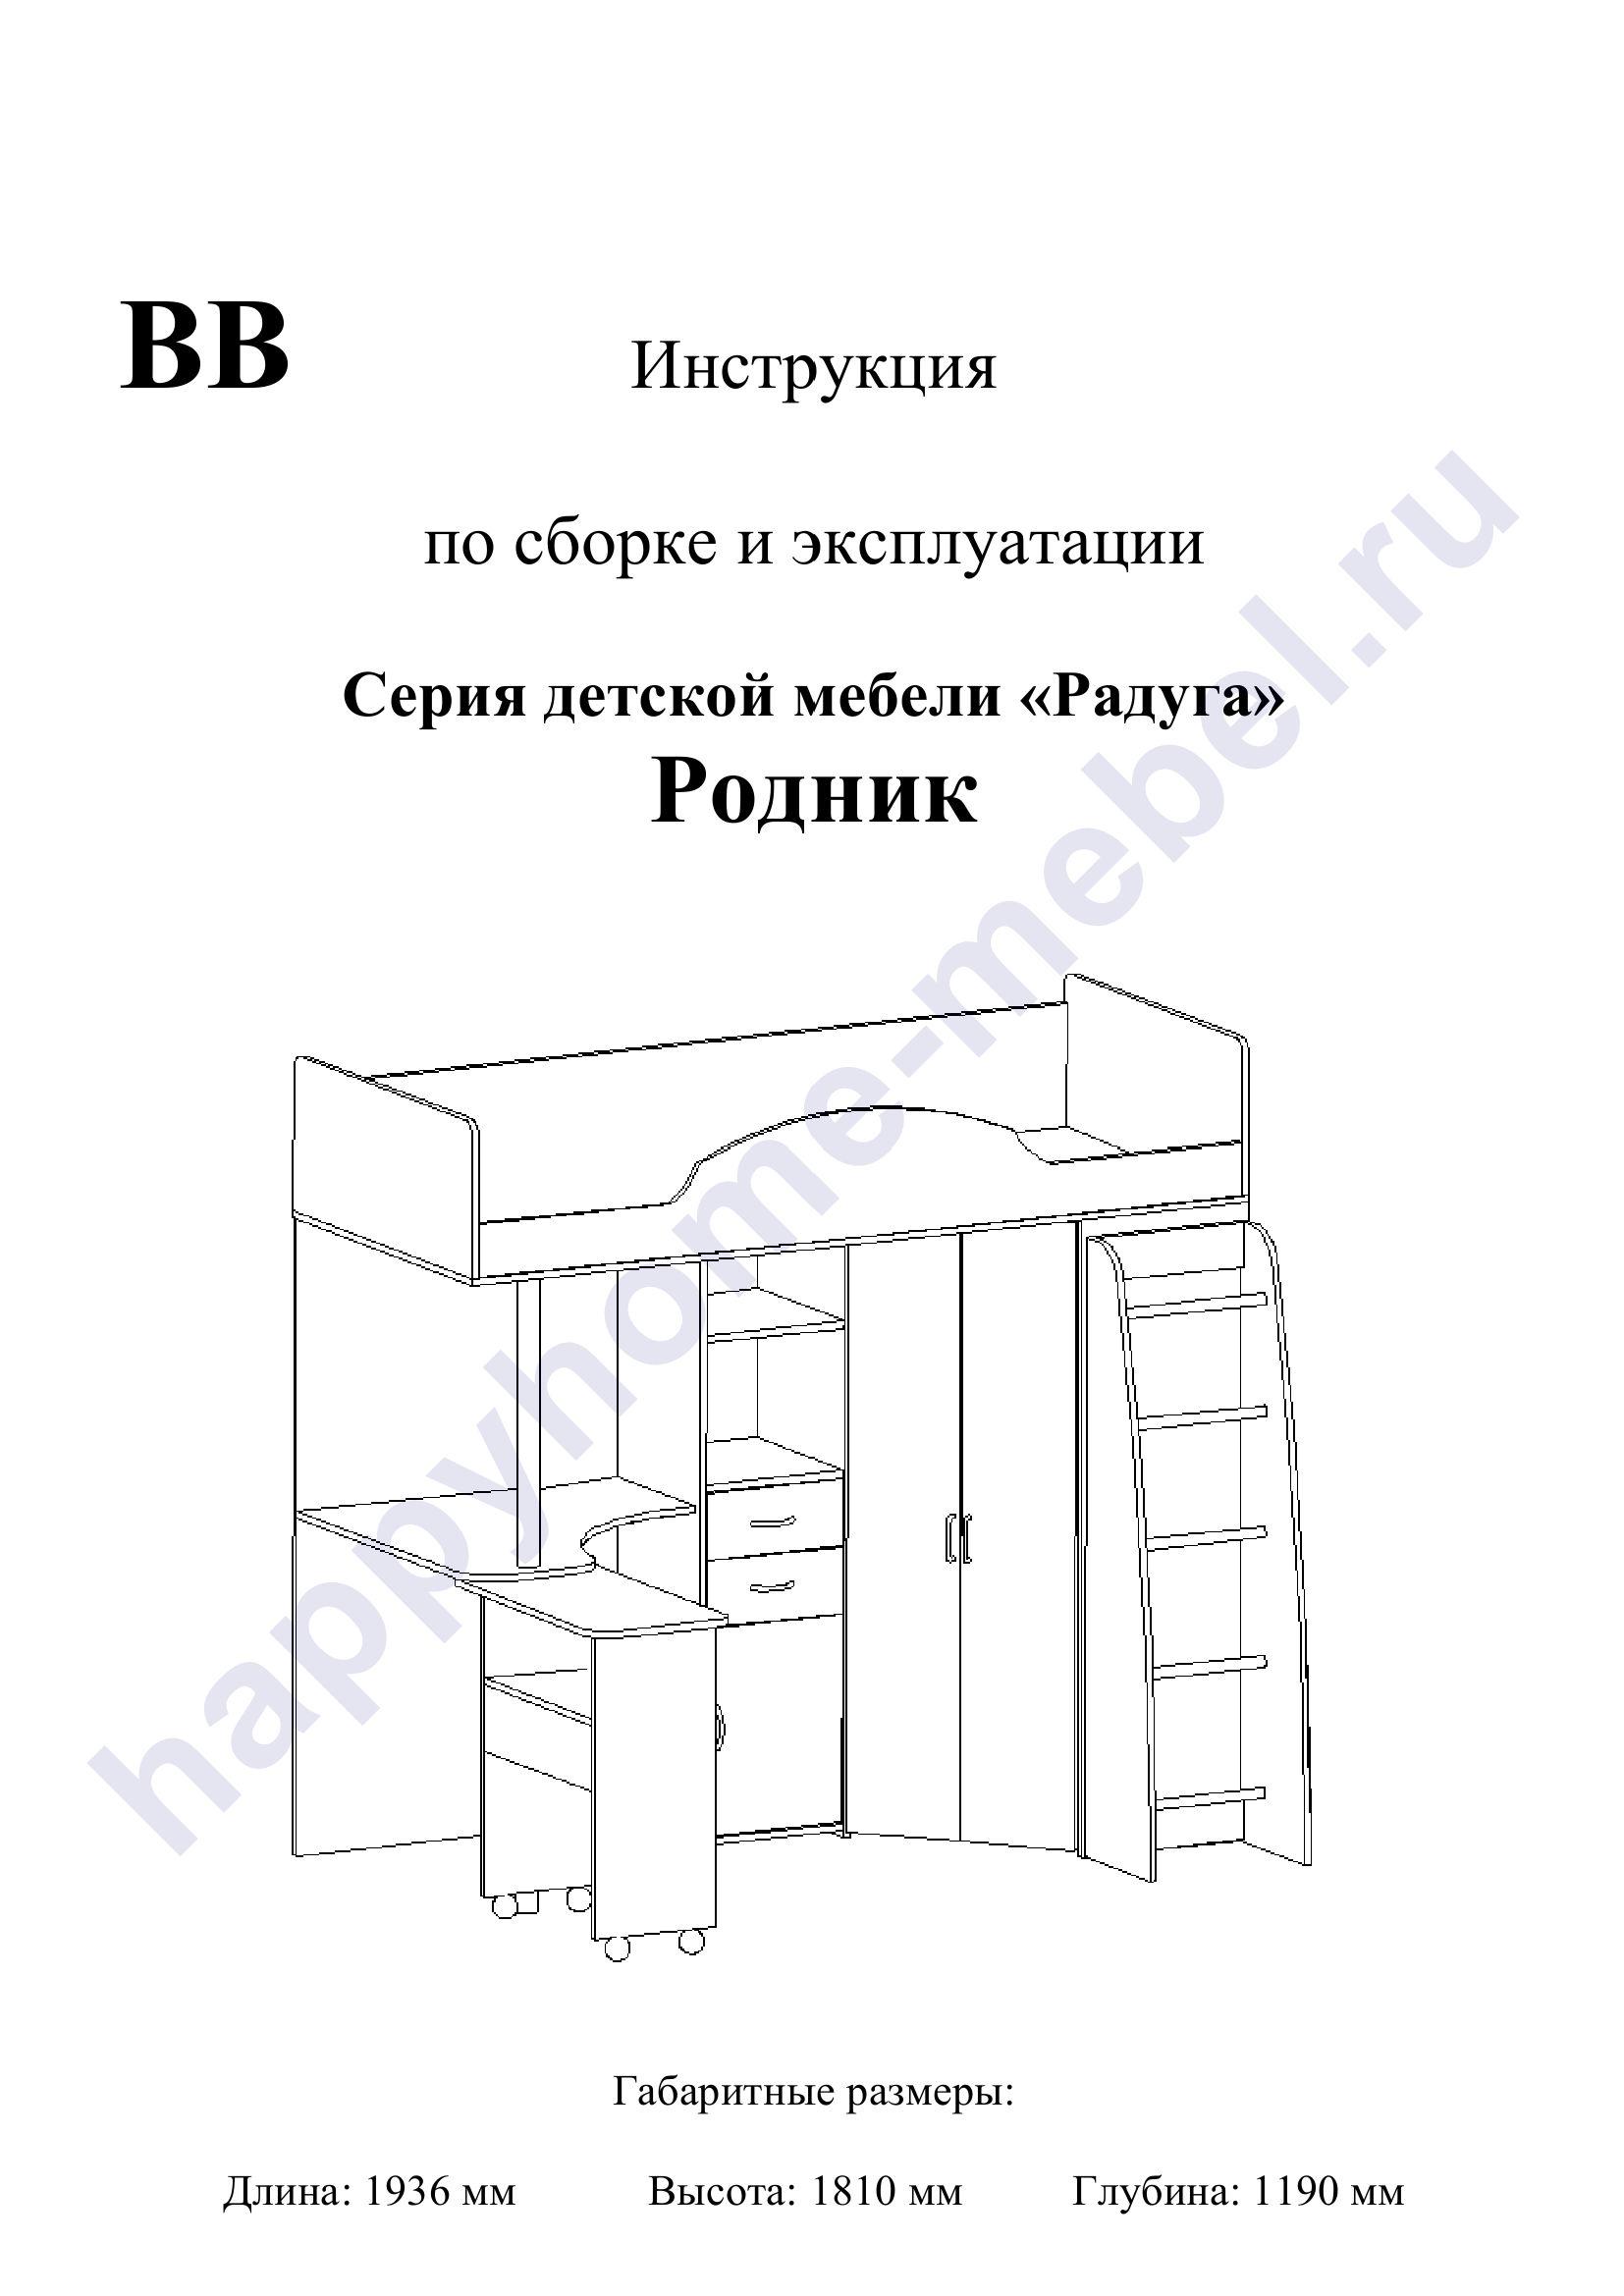 Кровать-чердак радуга схема сборки